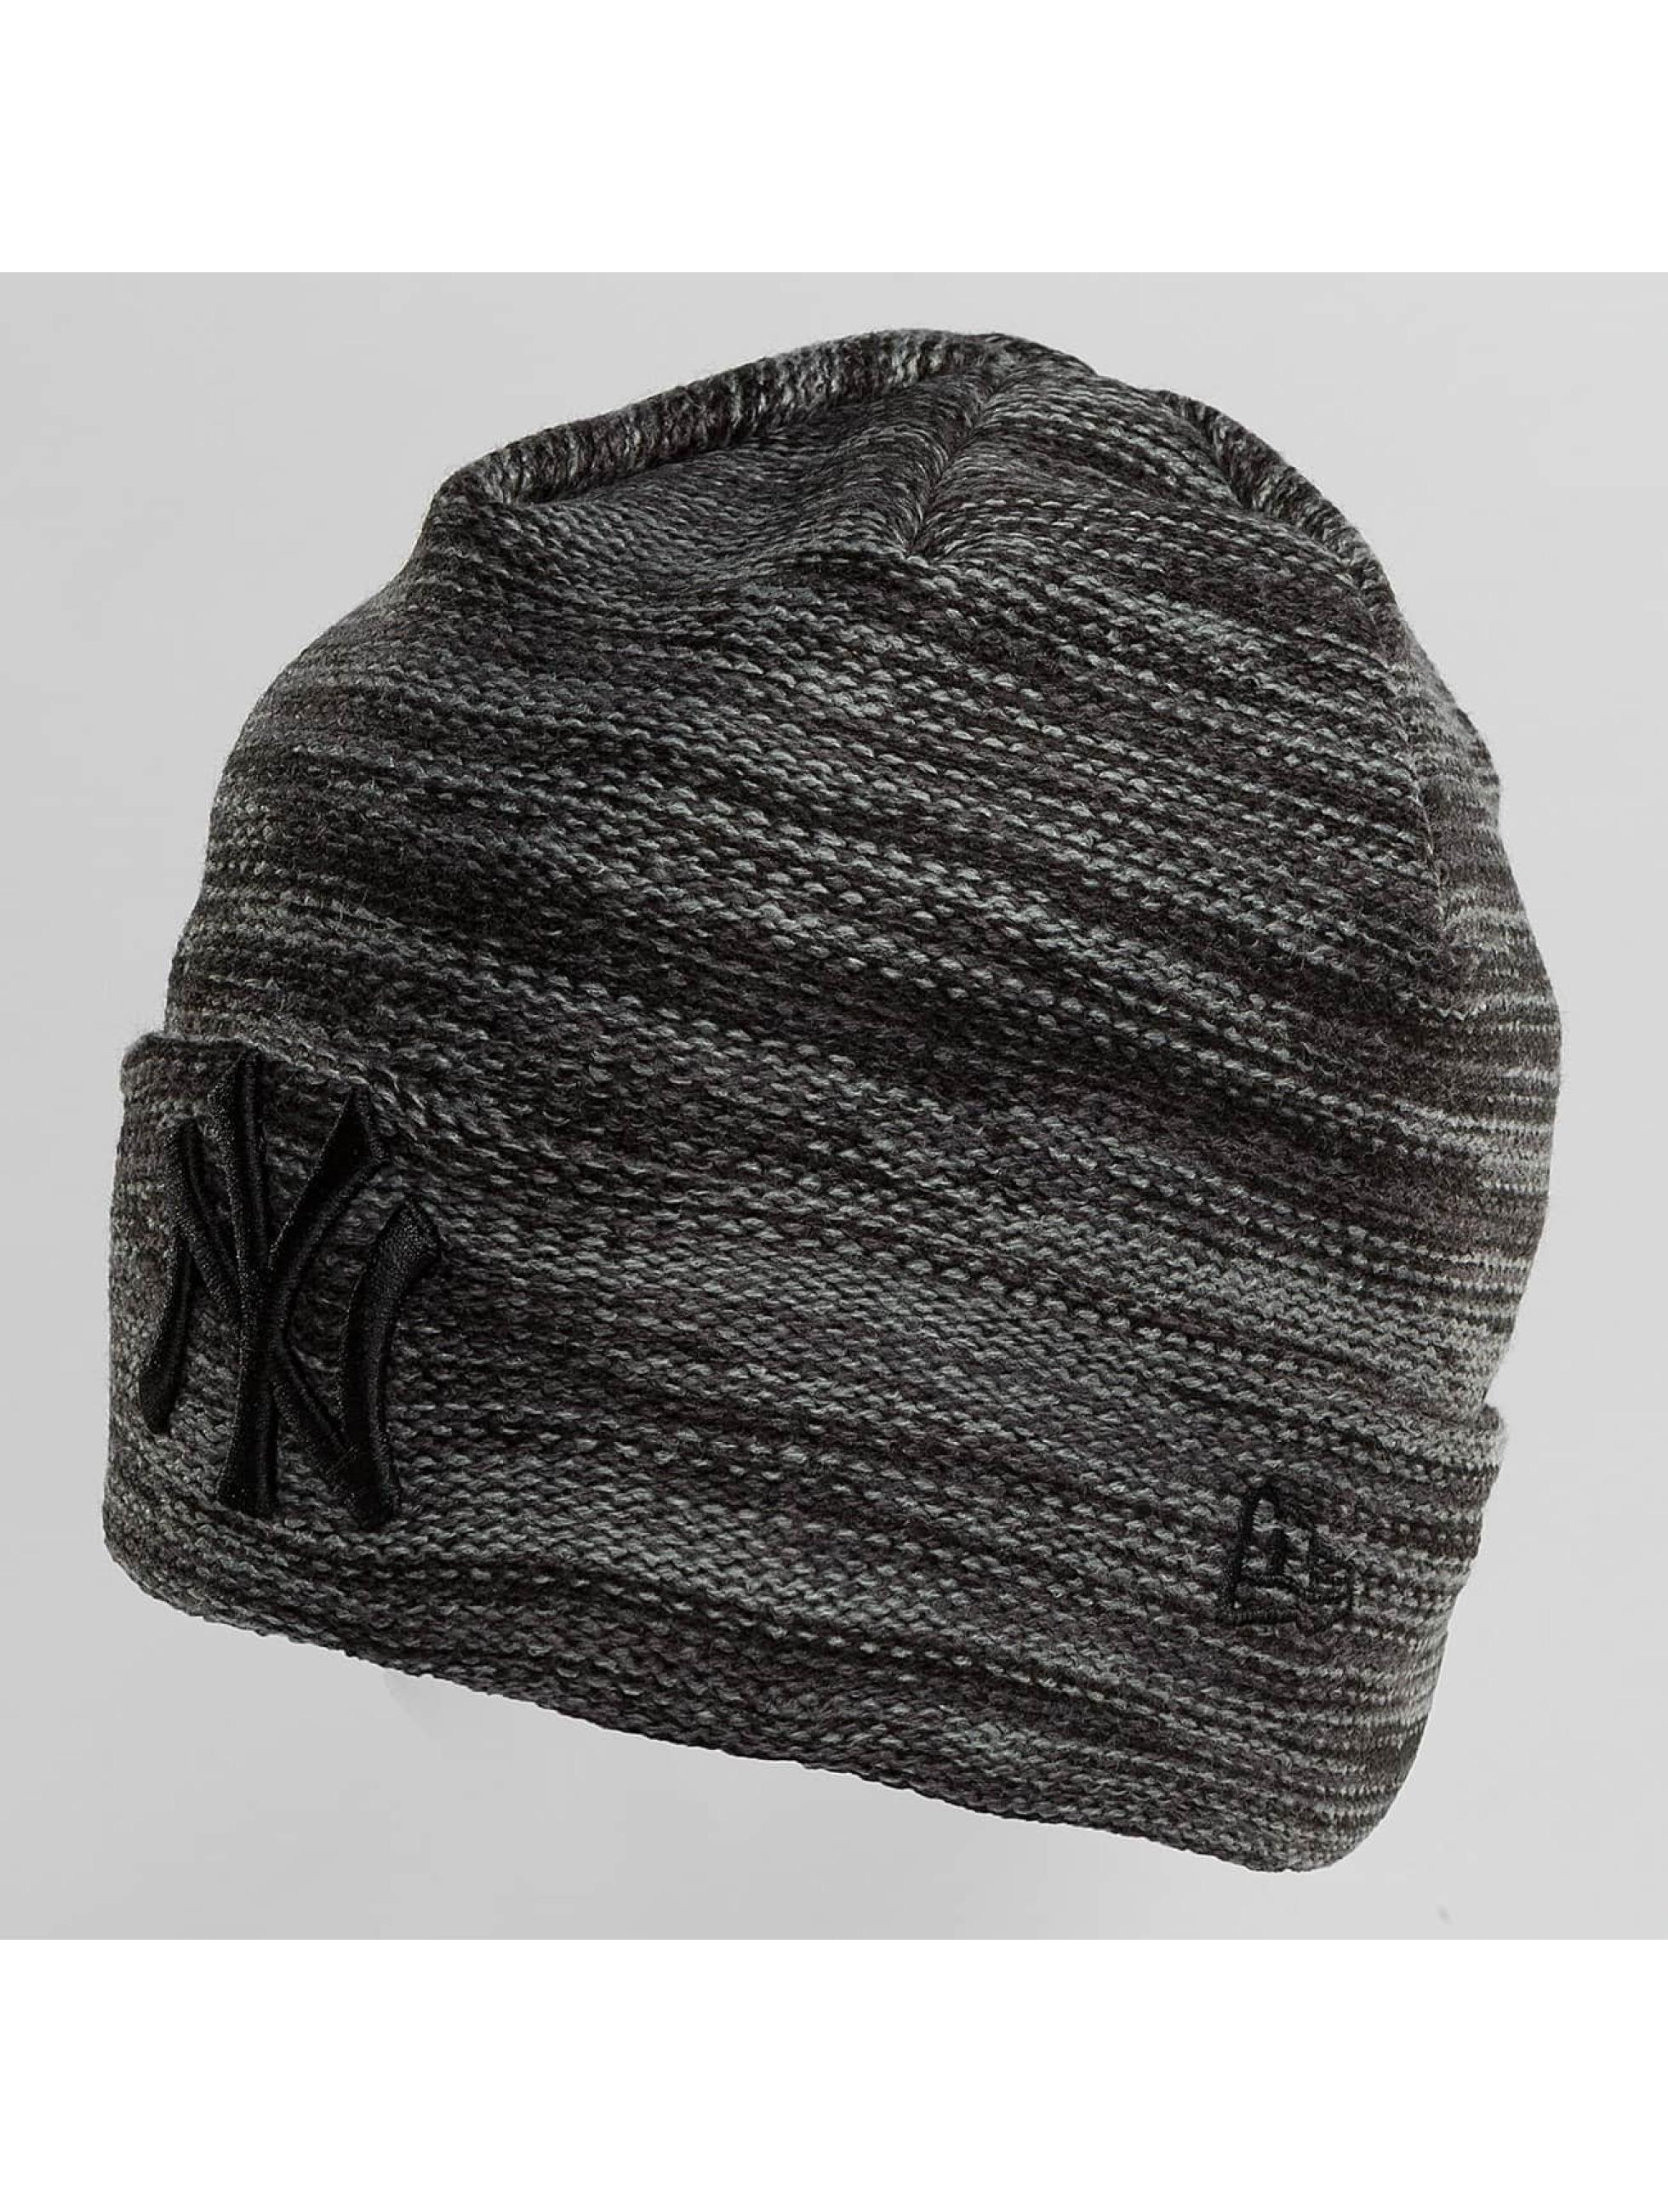 New Era Hat-1 New Era Marl Cuff NY Yankees Beanie gray